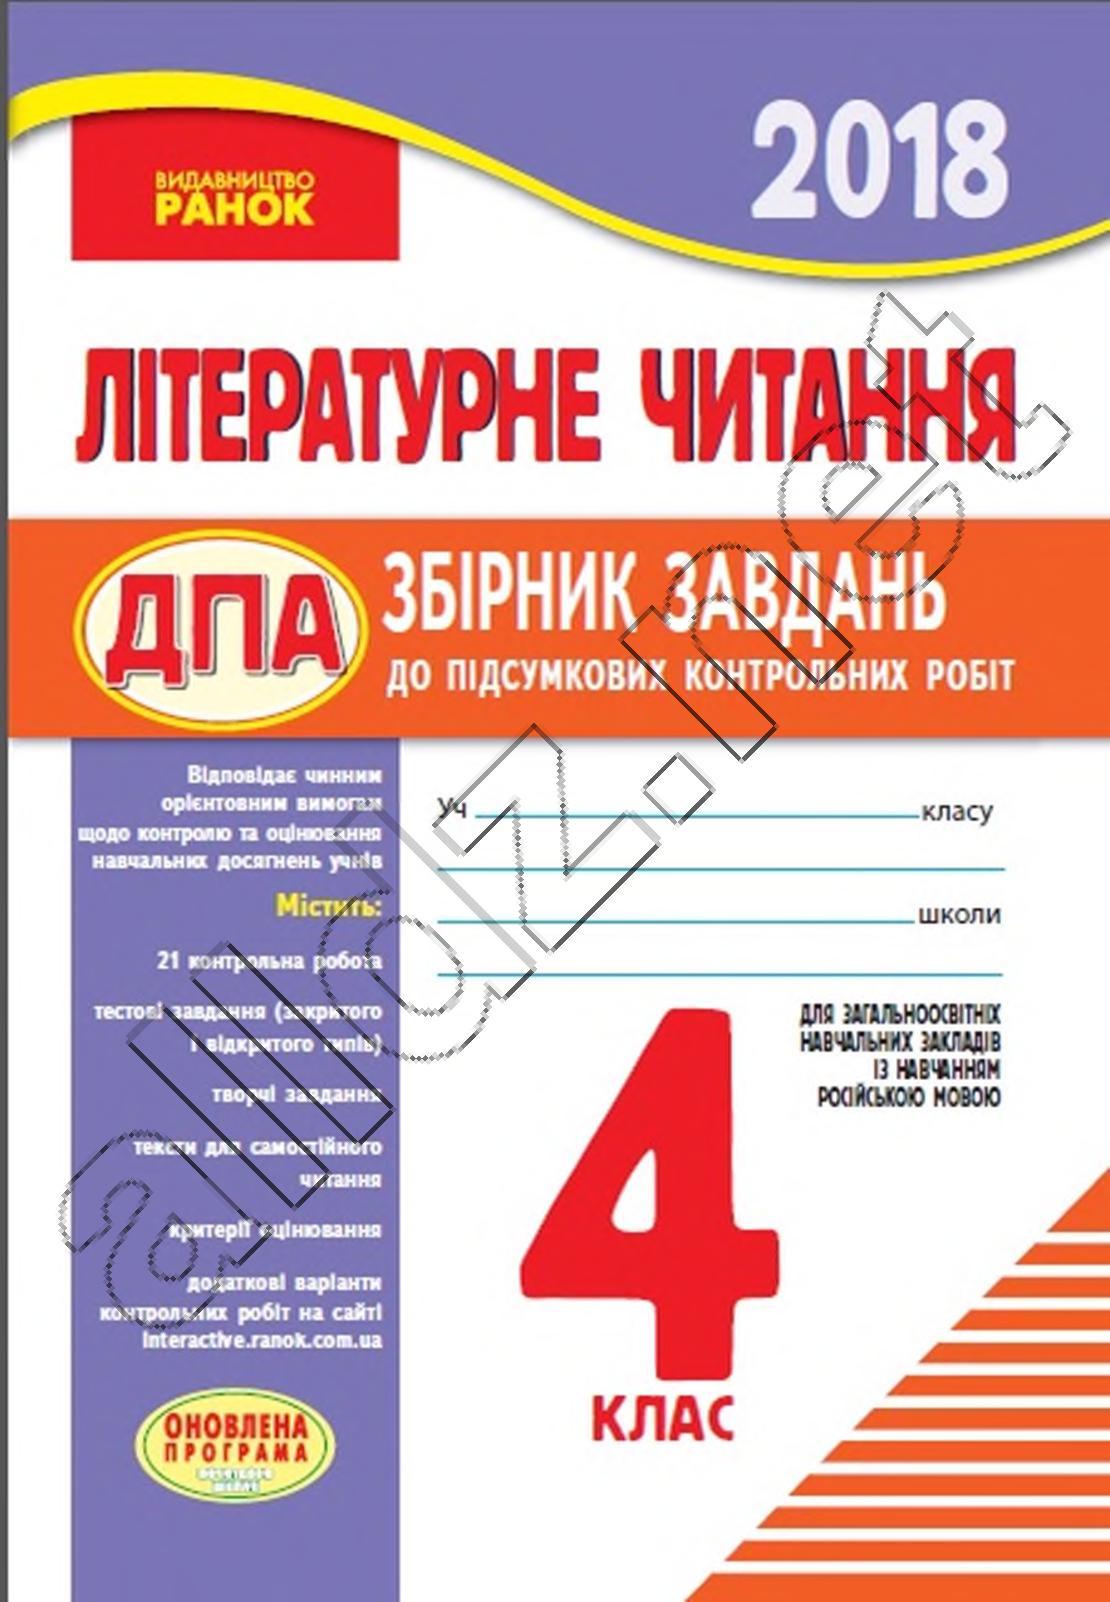 Лытературне читання 4 клас ранок ДПА 2018 російська версія.